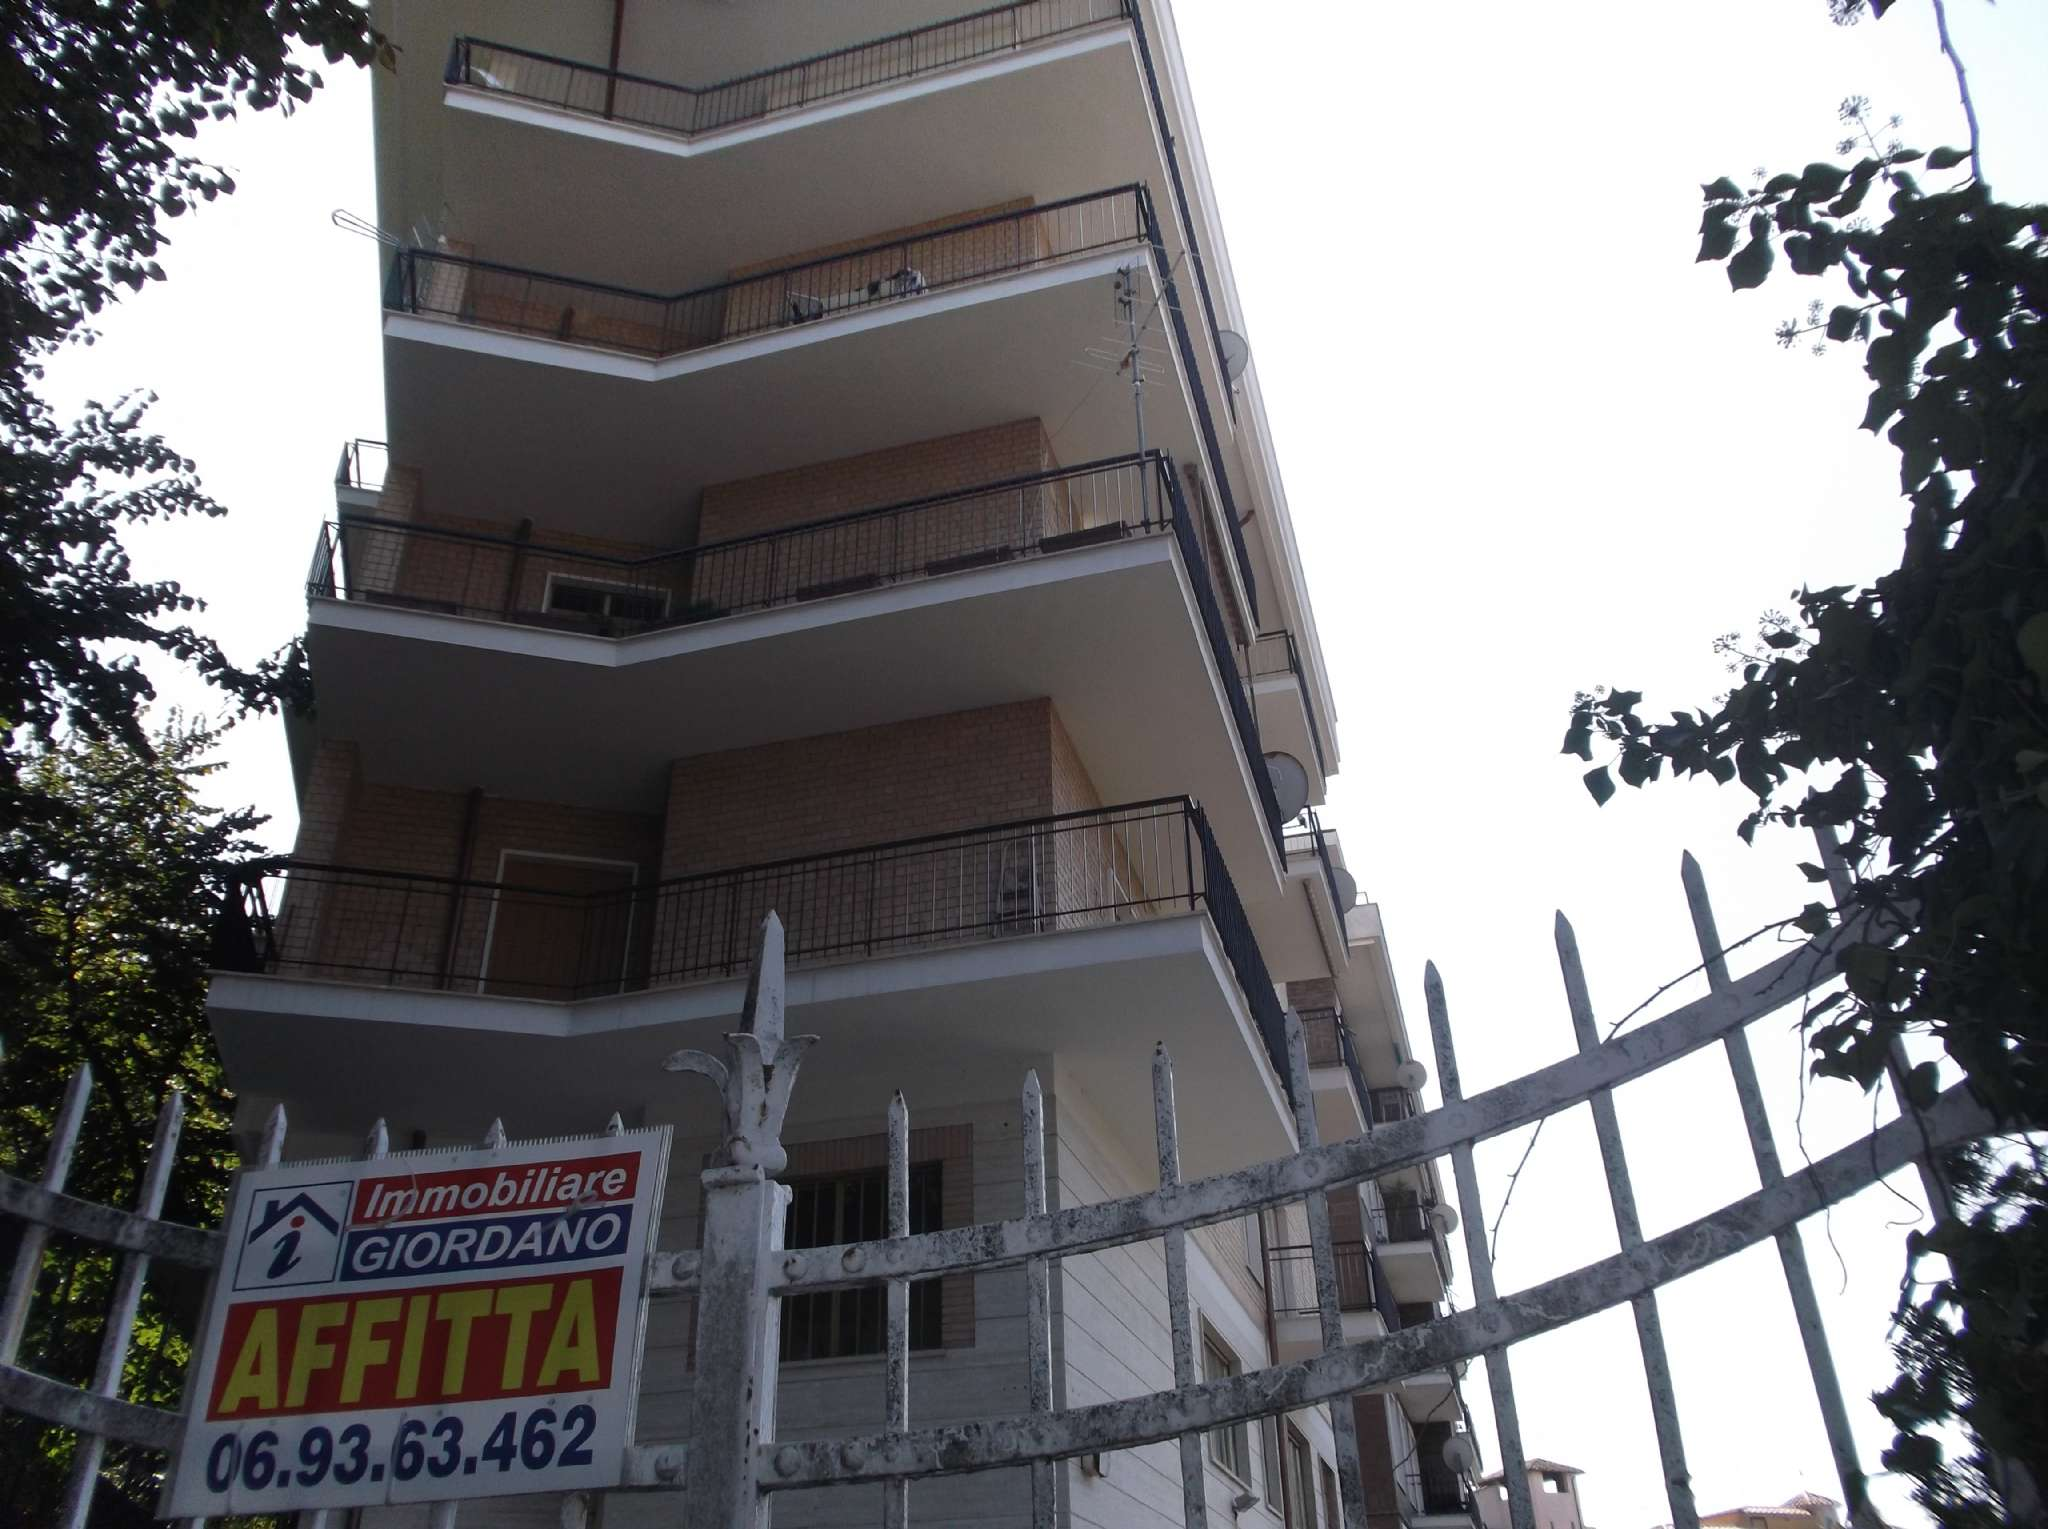 Appartamento in vendita a Genzano di Roma, 2 locali, prezzo € 145.000 | CambioCasa.it